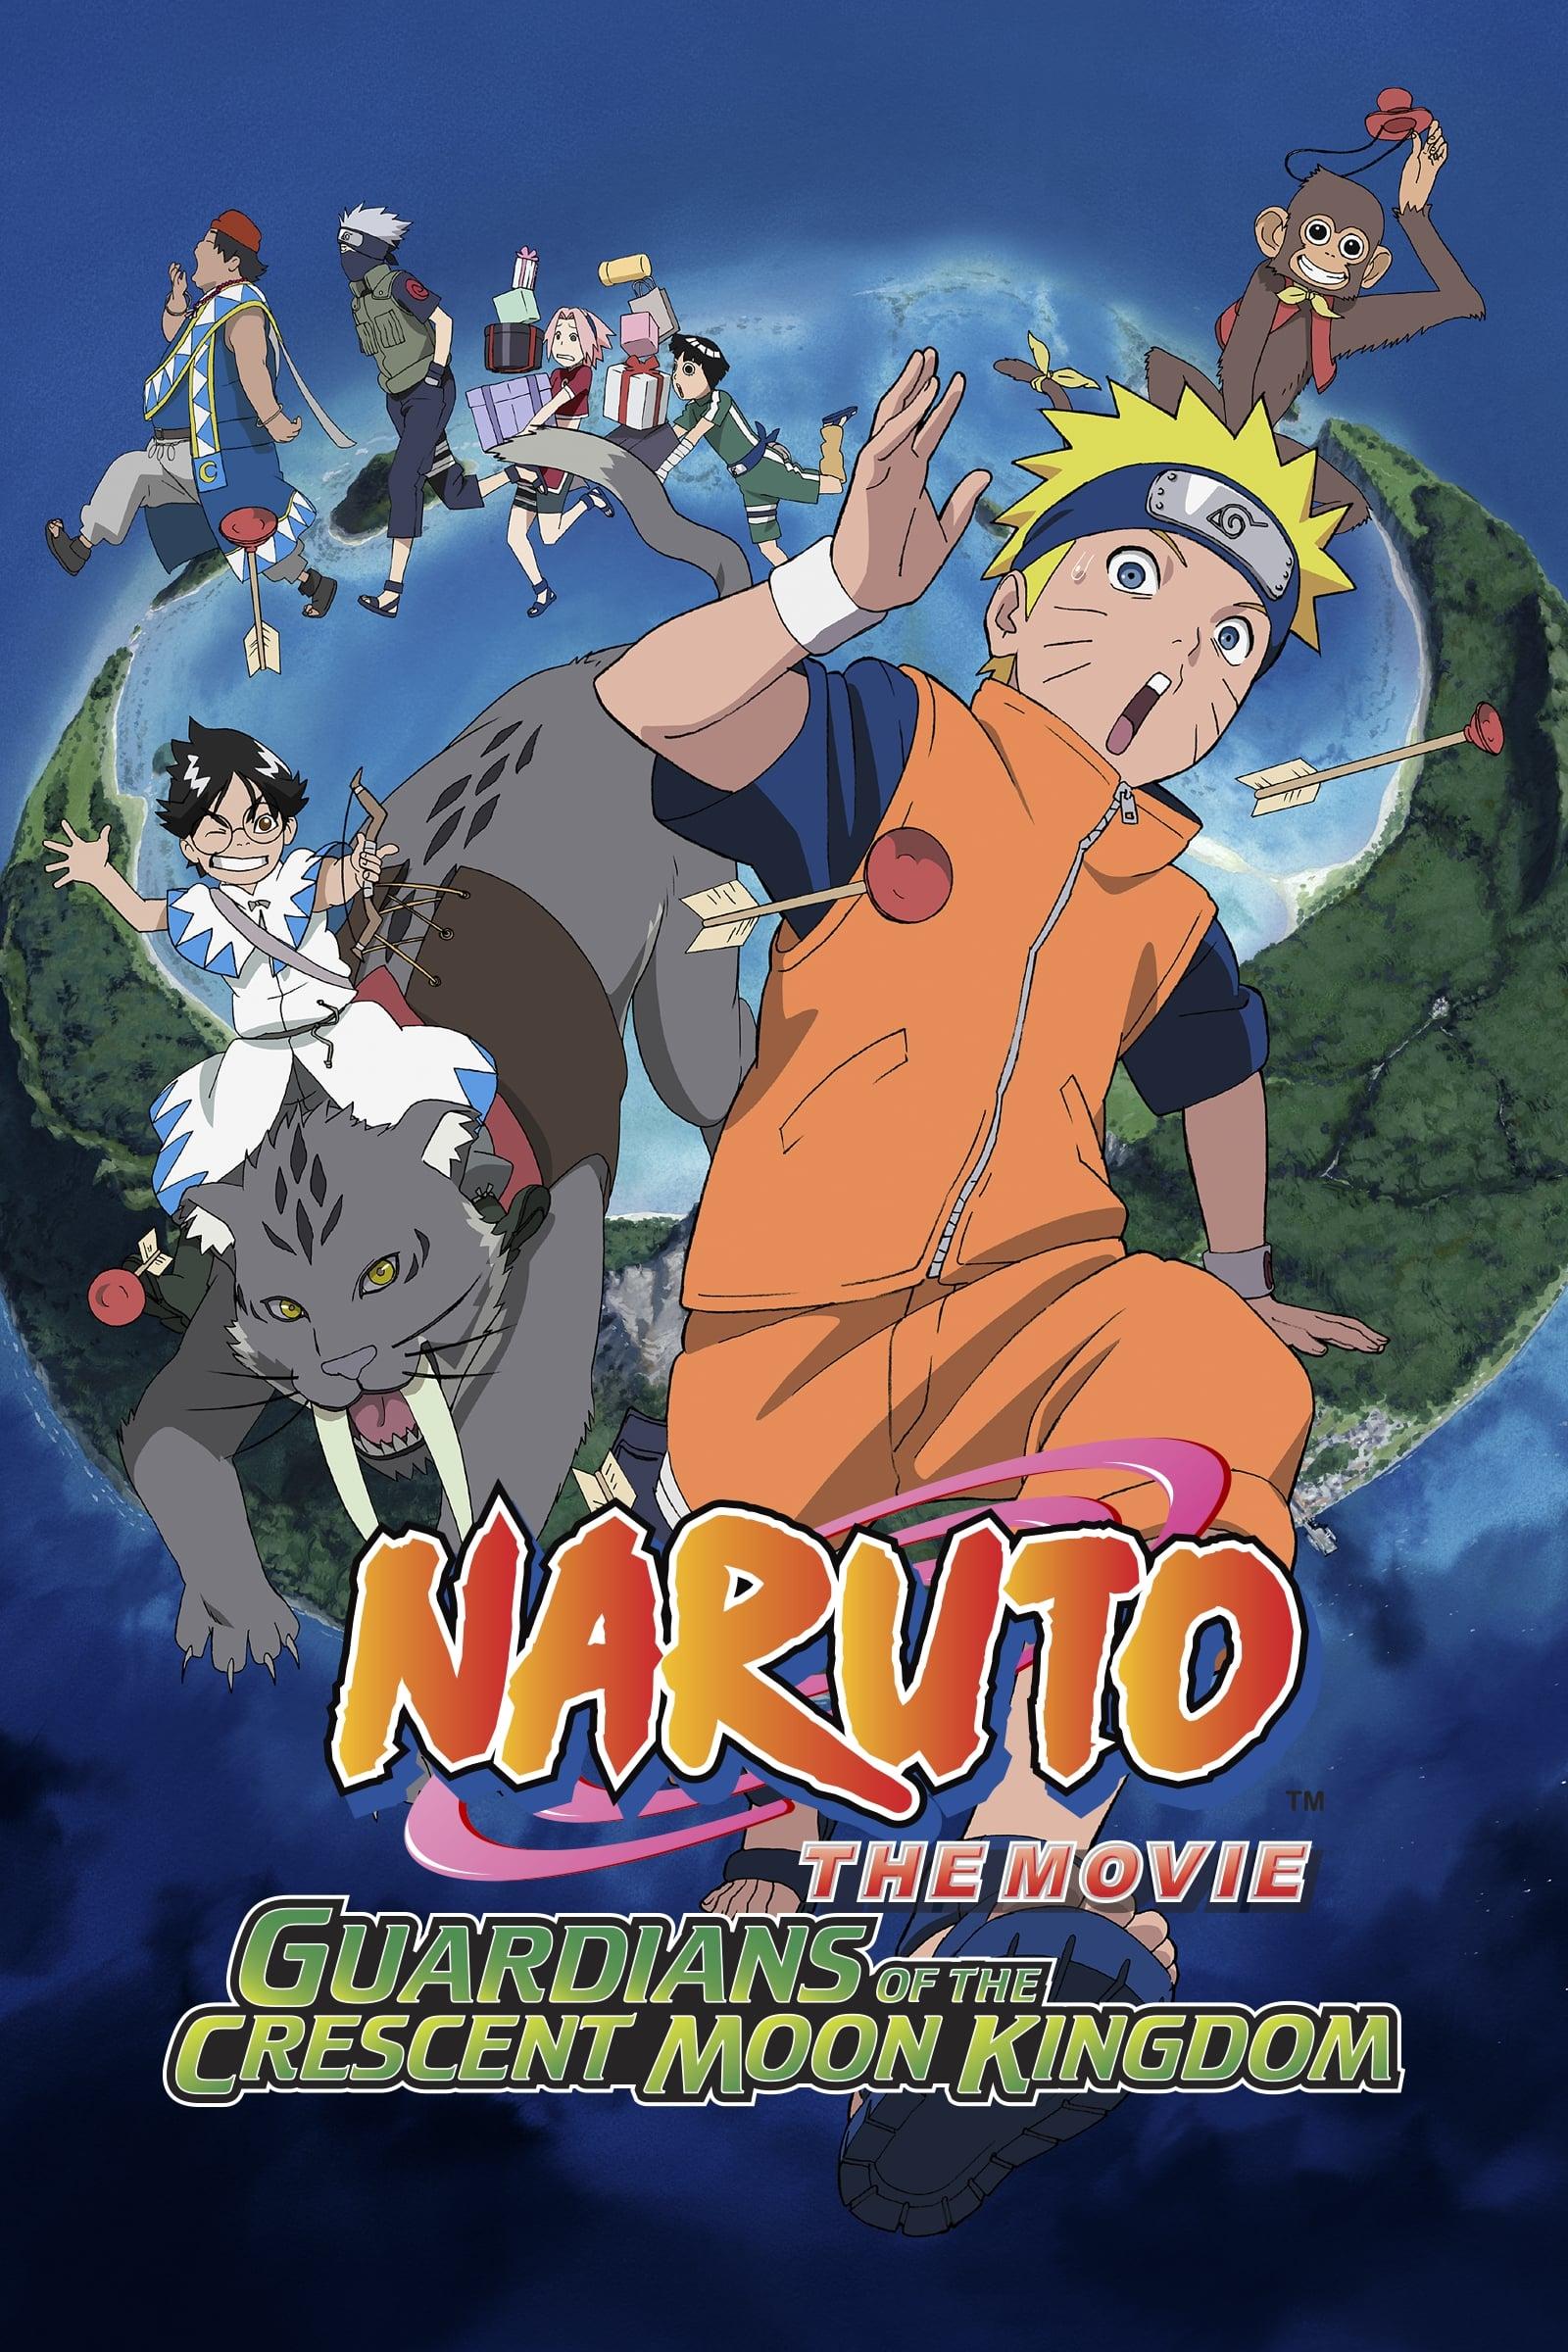 Naruto Filme 3: Grande Excitação! O Pânico Animal da Ilha Mikazuki